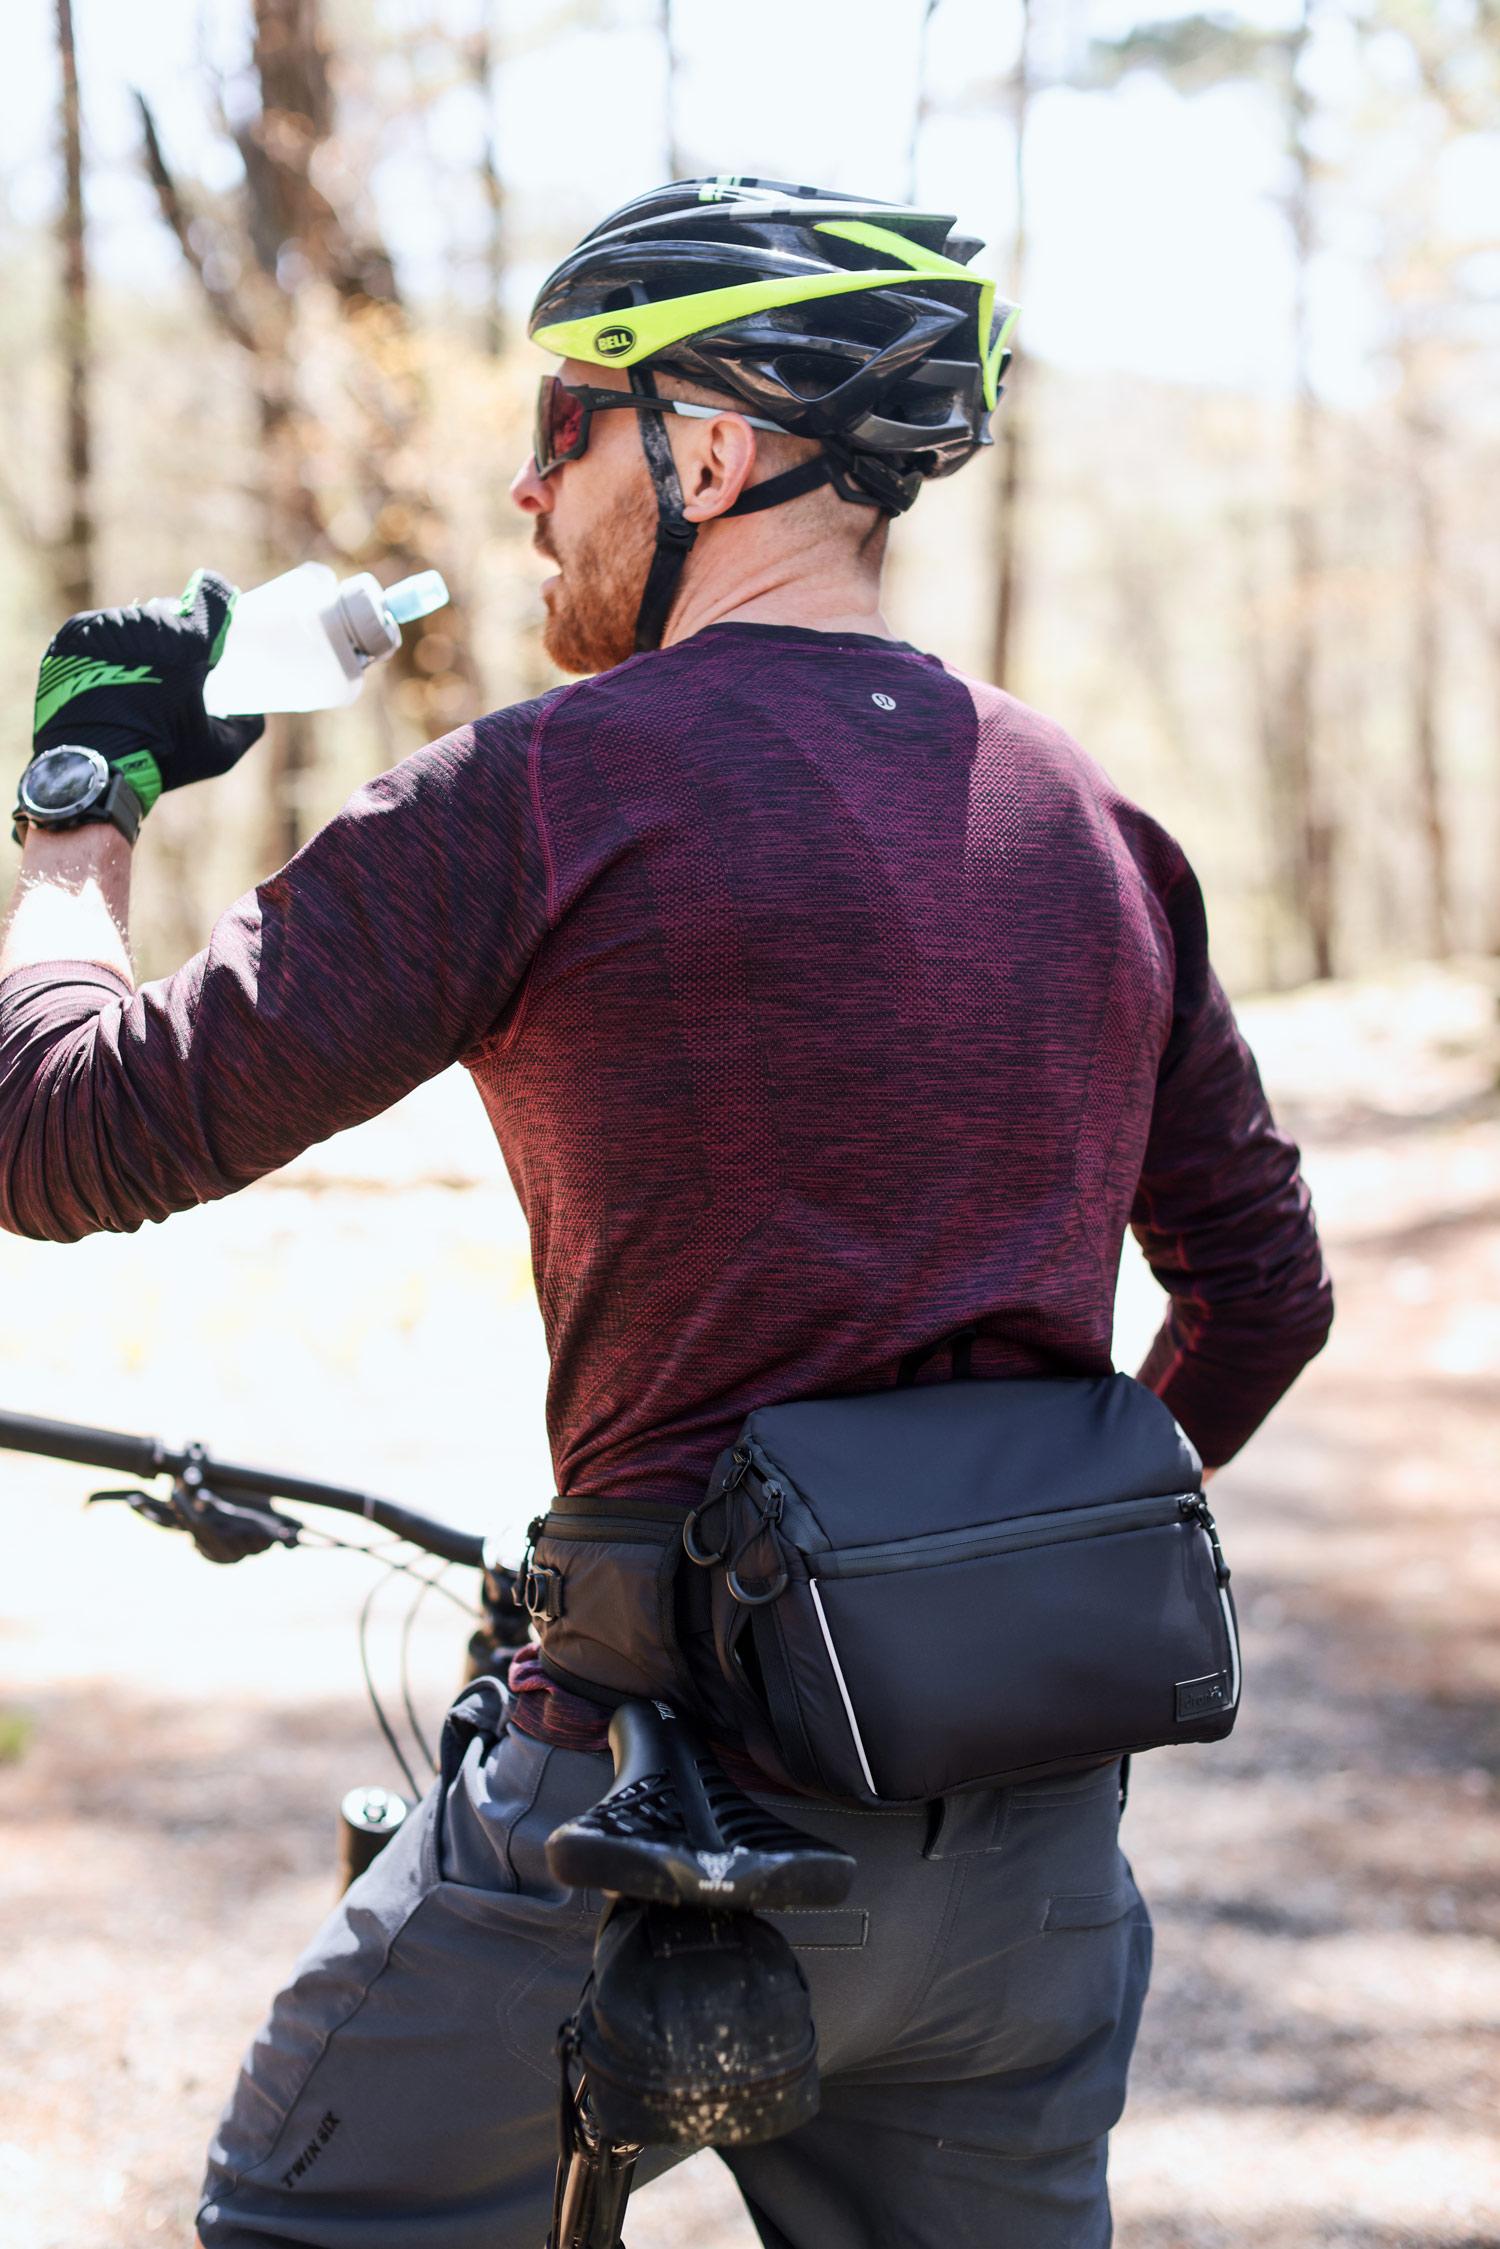 man mountain biking stopping for water